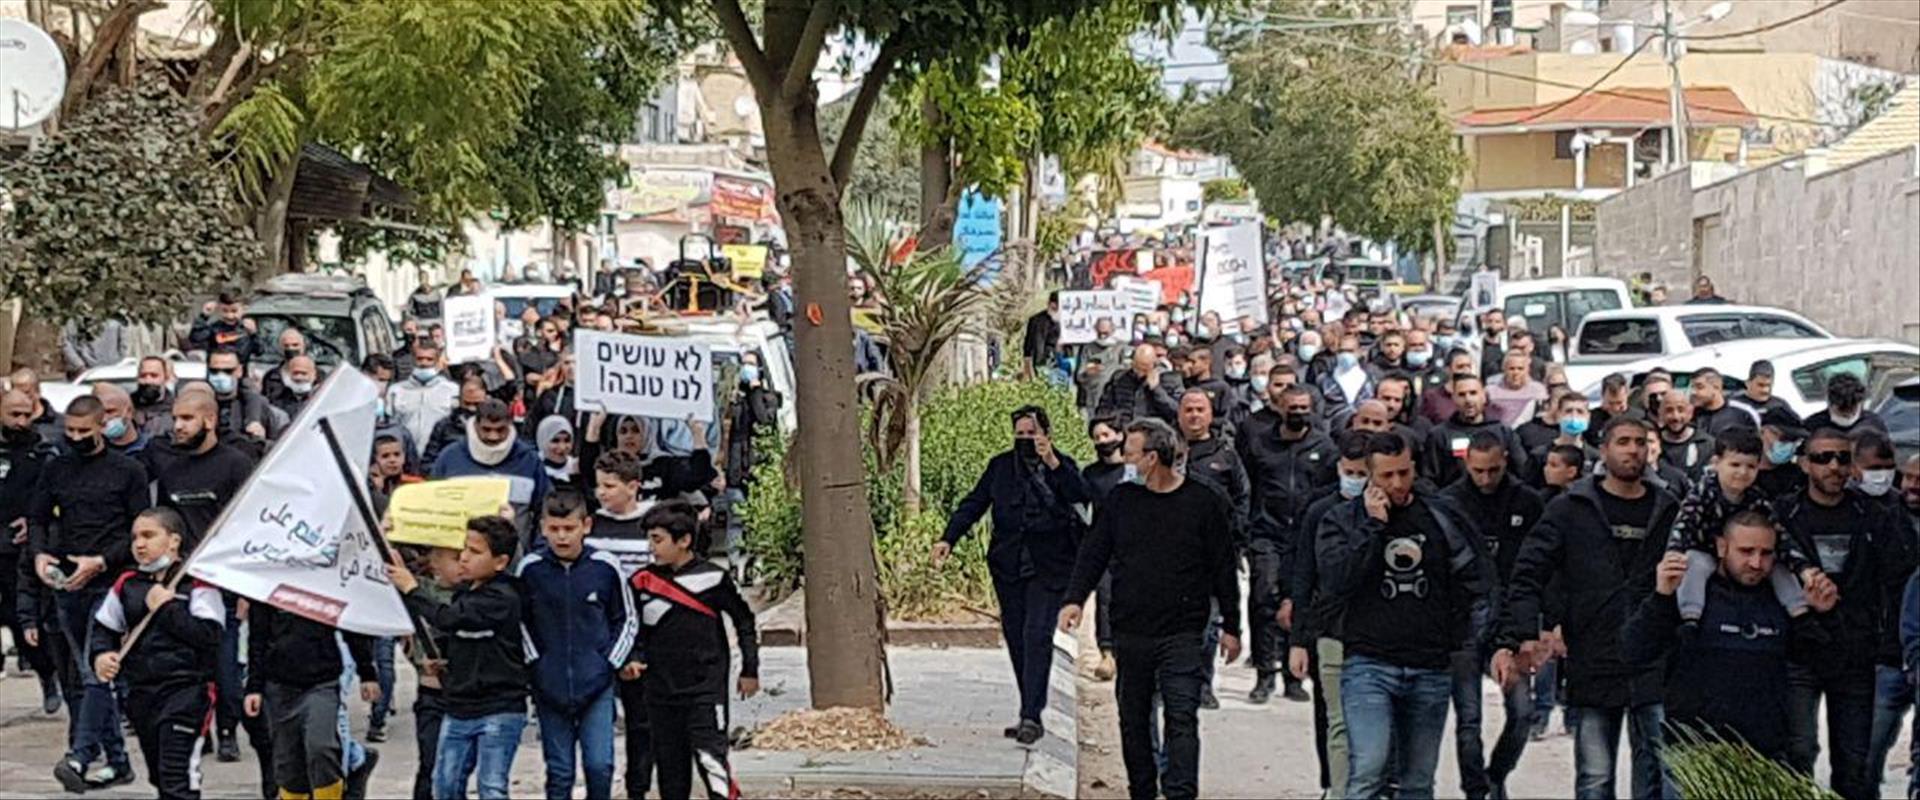 ההפגנה בג'לג'וליה, היום